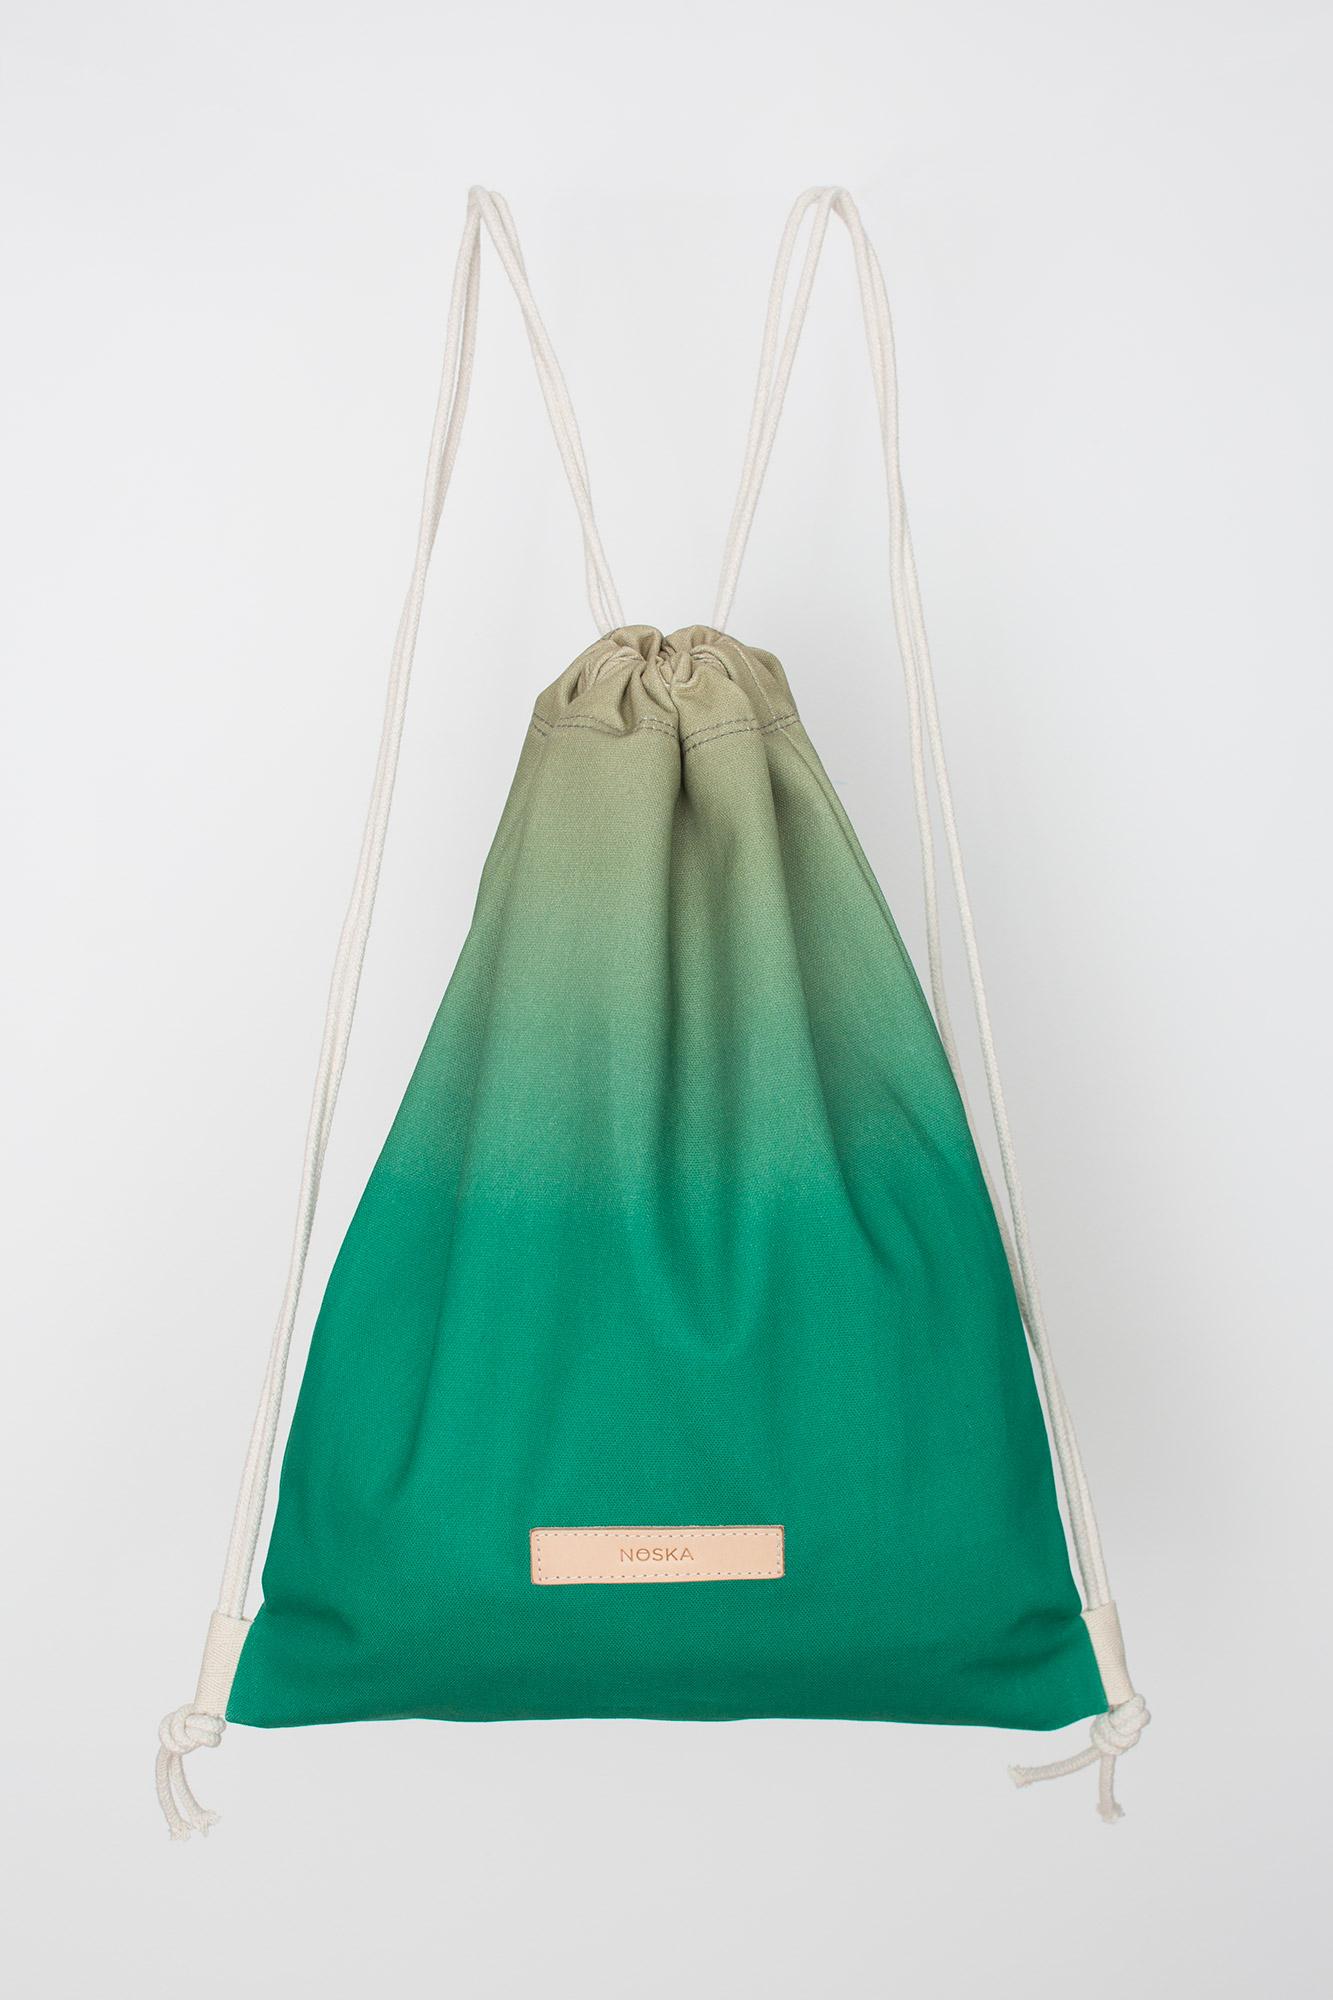 NOSKA Herne's Oak - Zielony bawełniany worek odporny na zachlapania